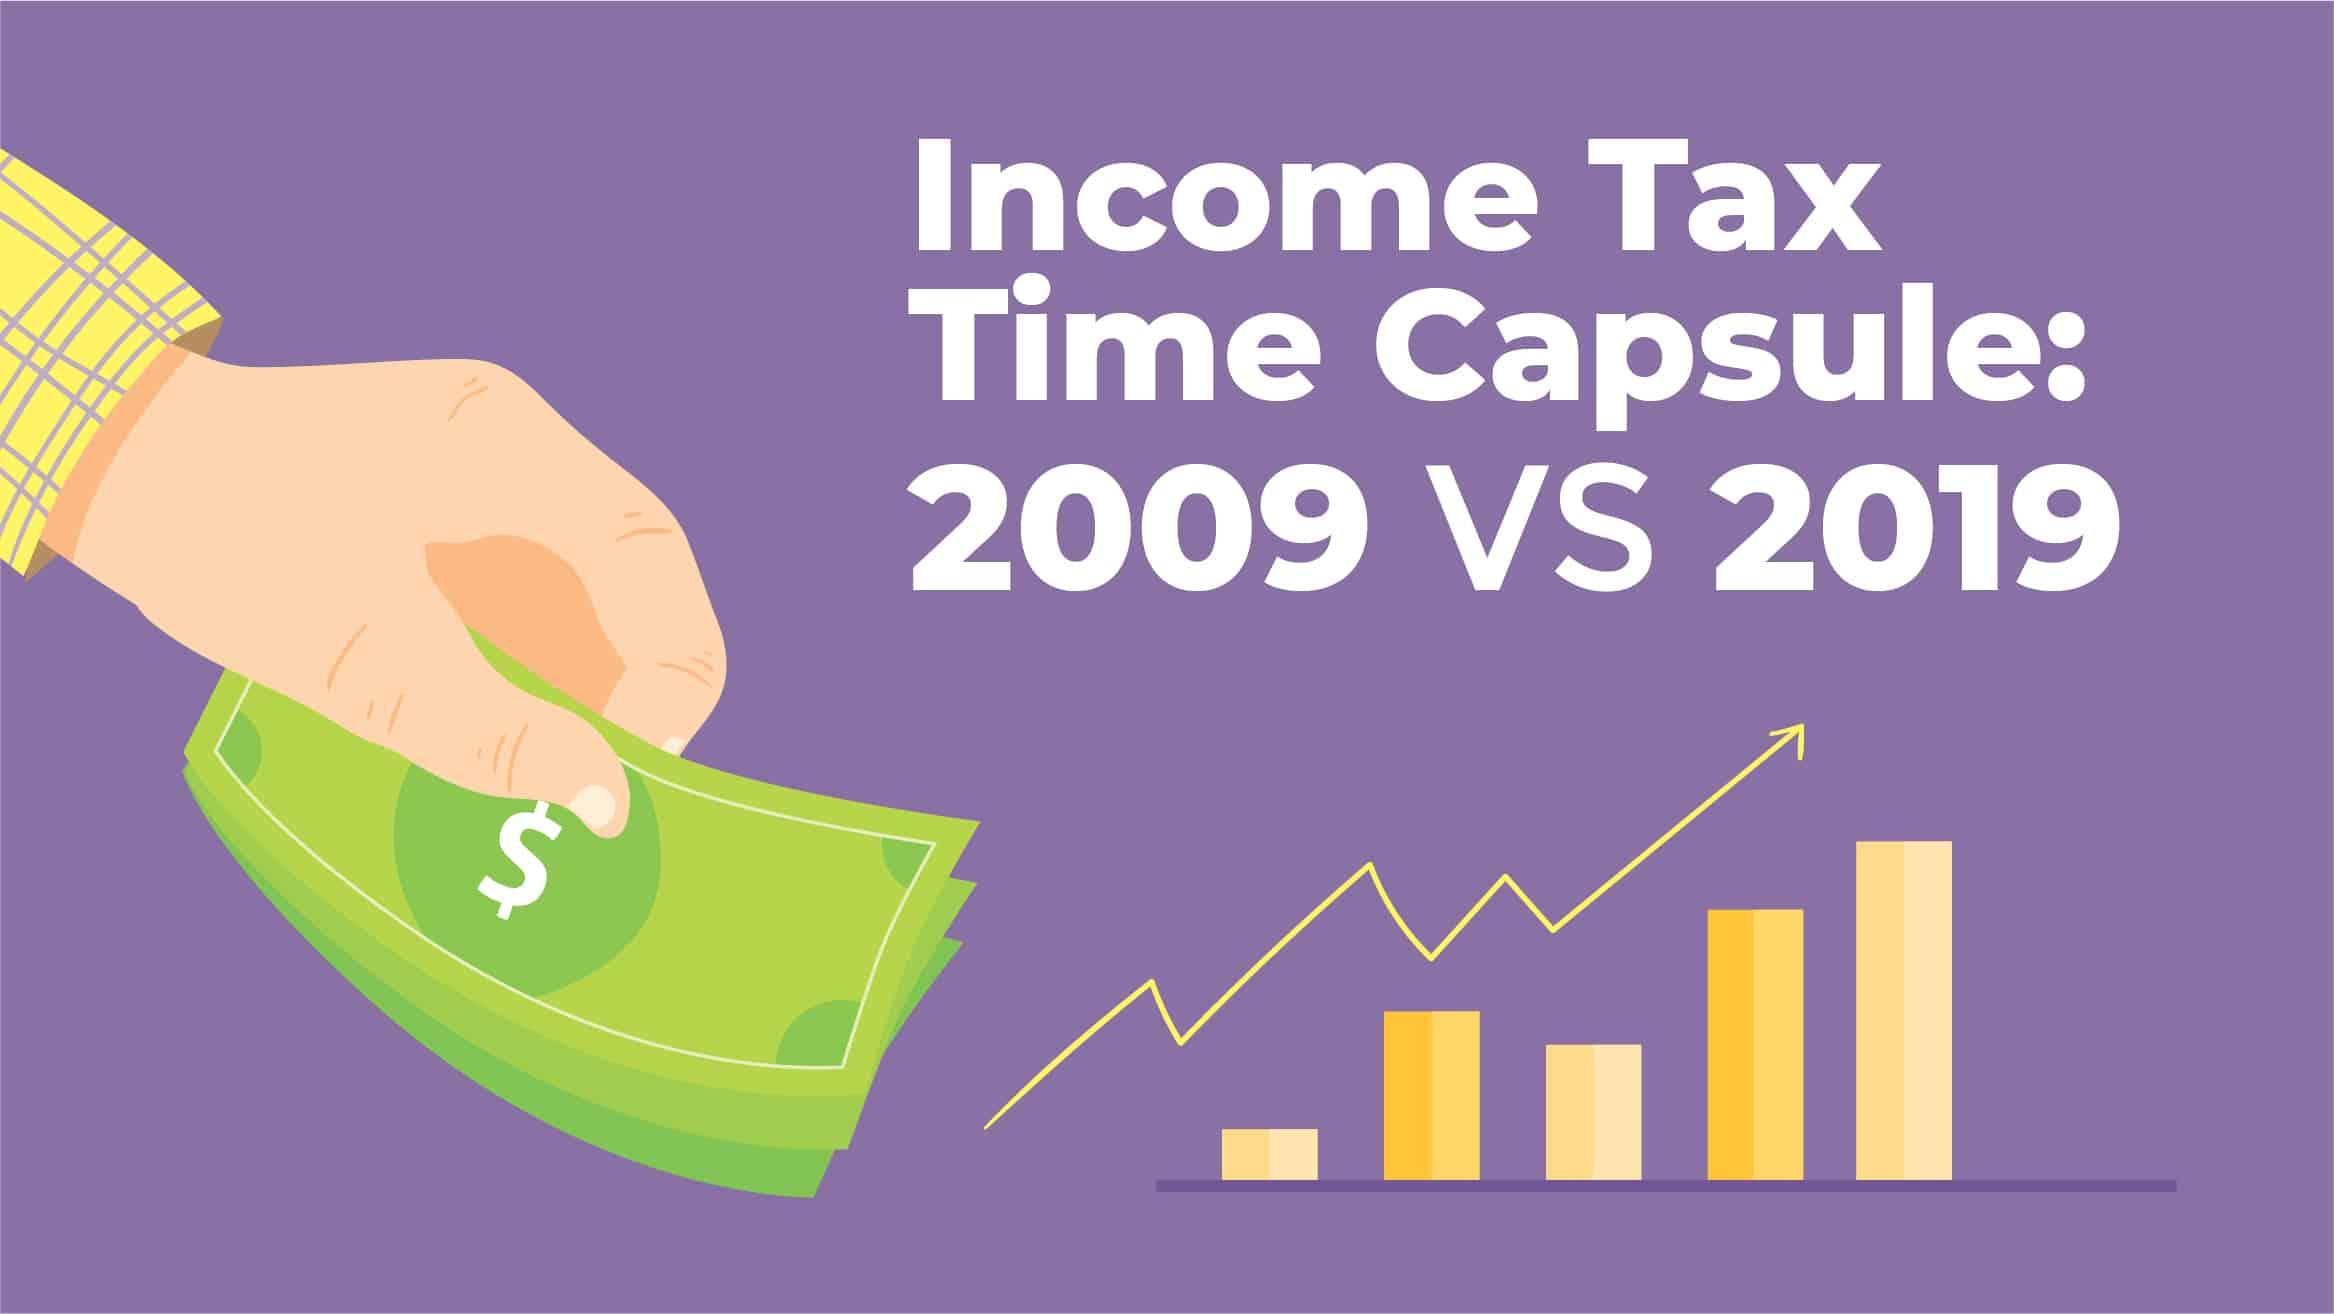 Income tax comparison 2009 vs 2019